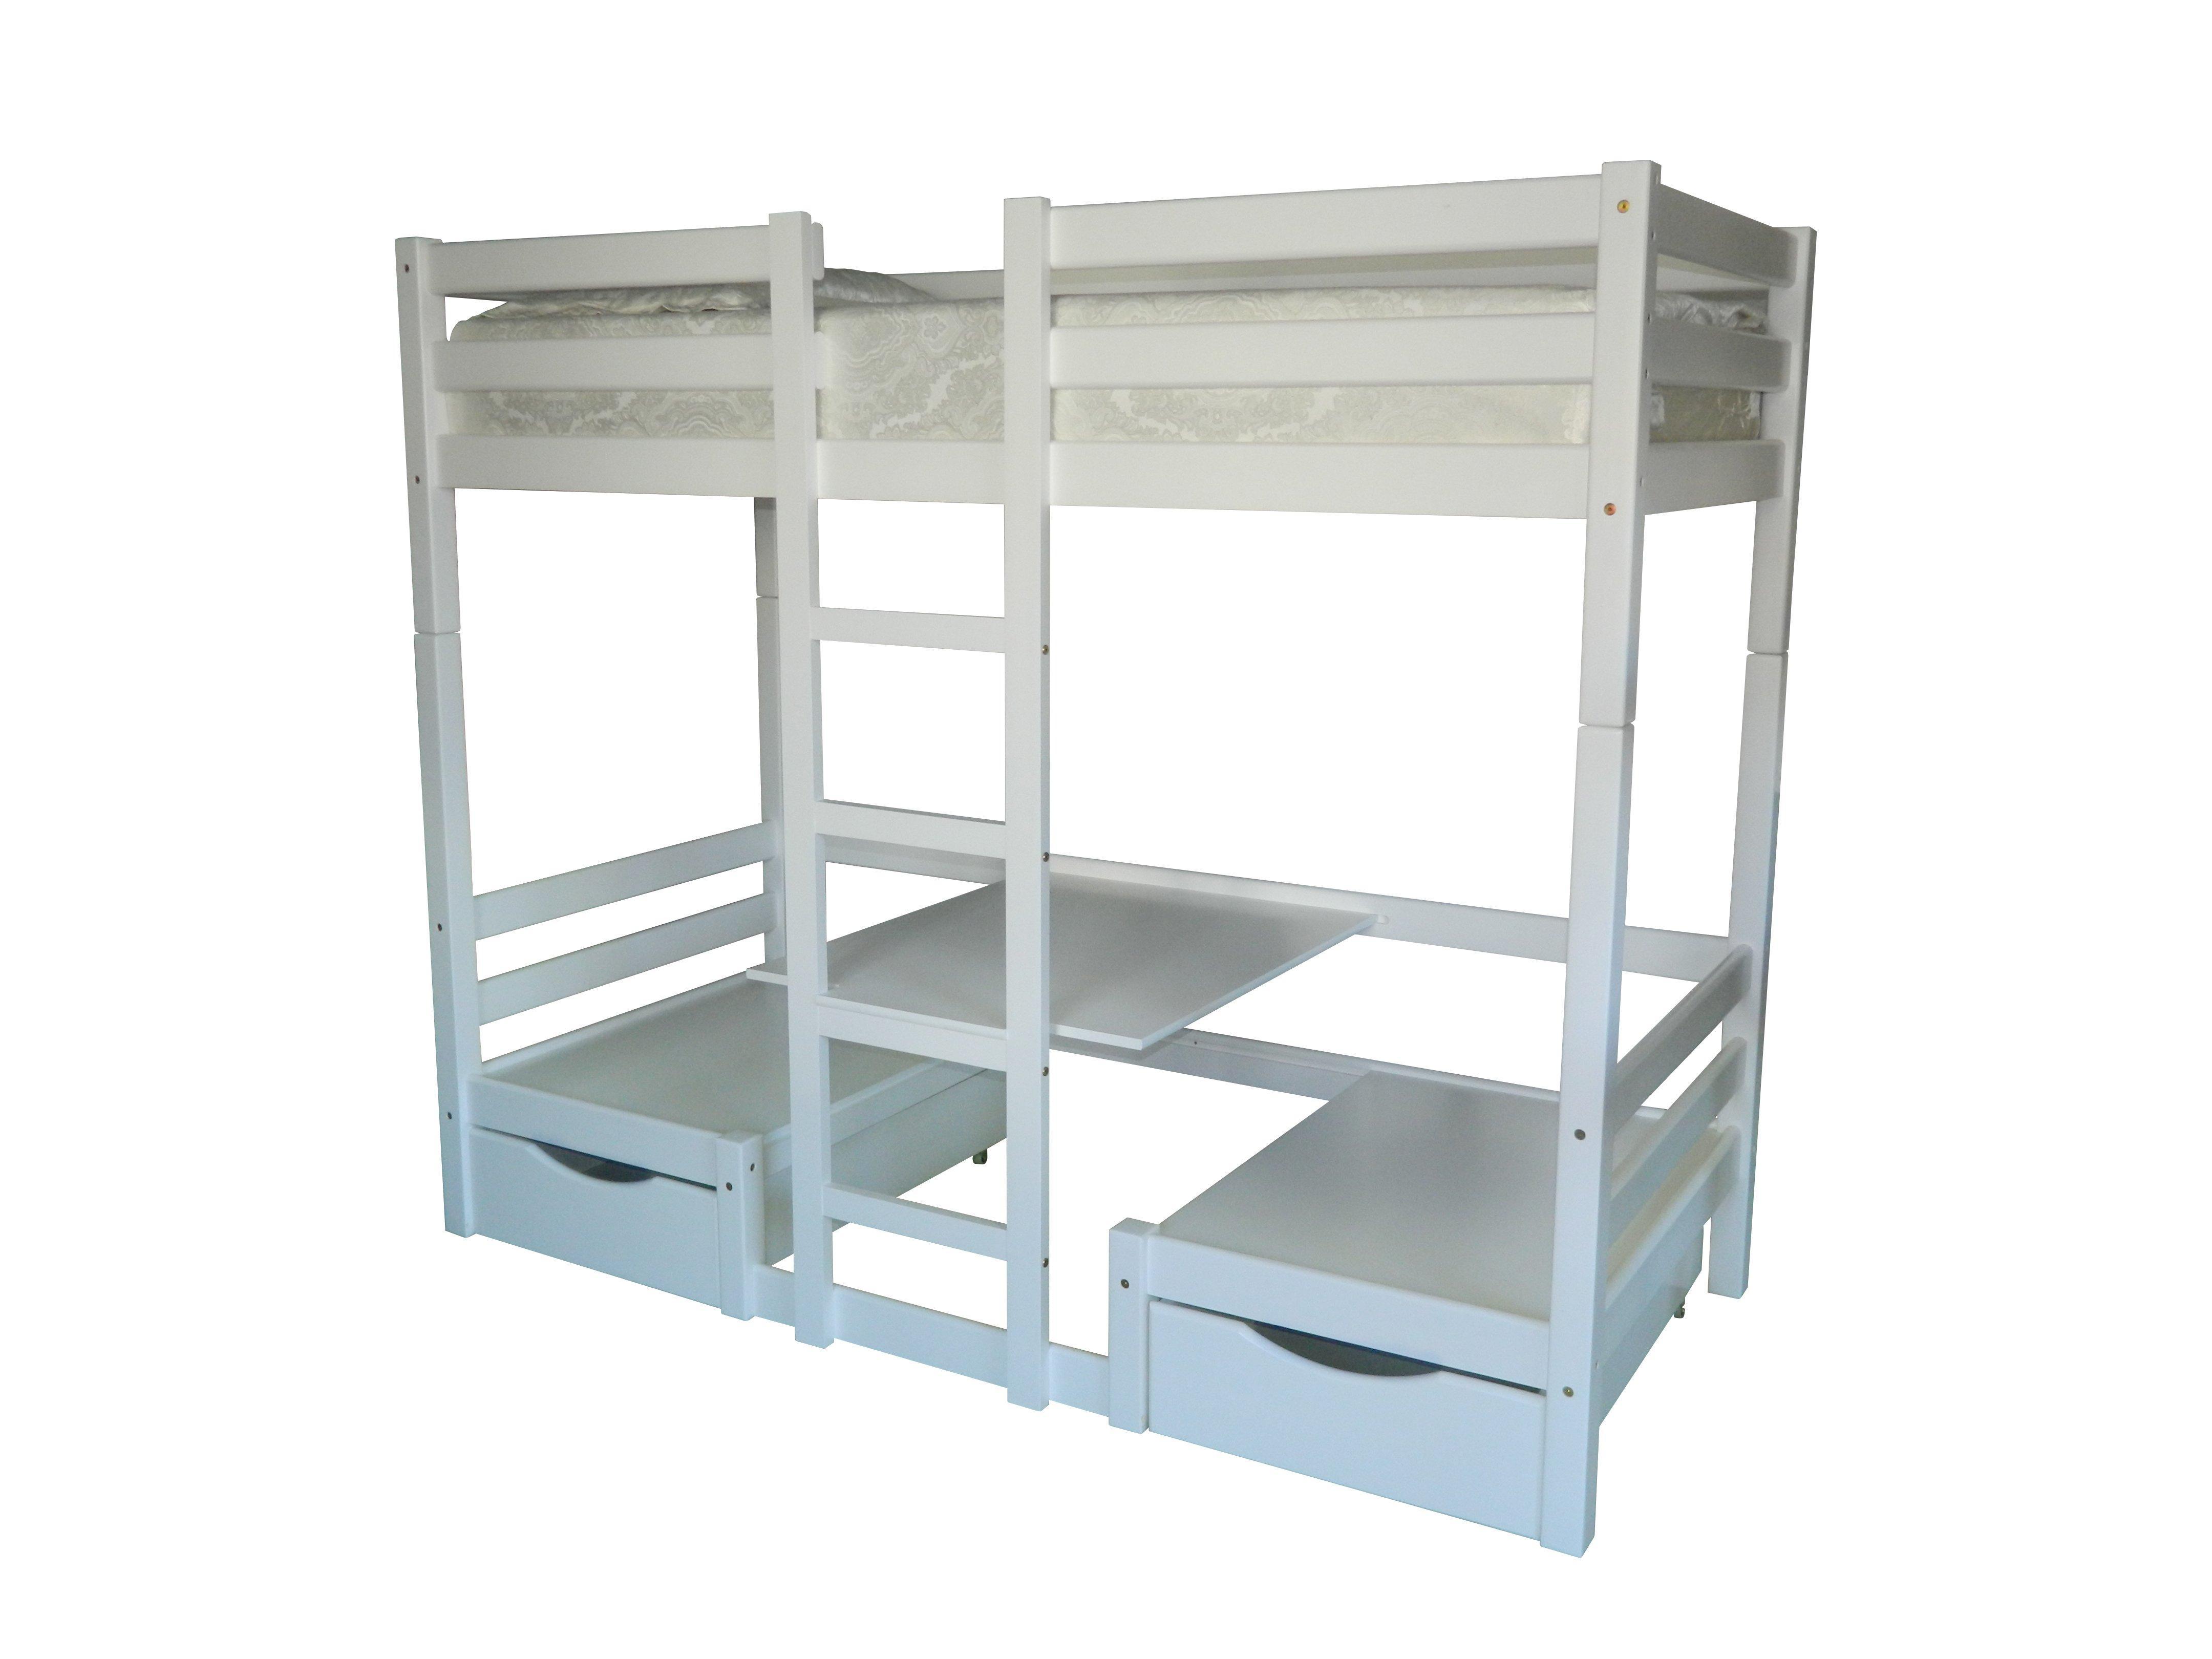 Двухъярусная кровать Л-304 Скиф. Фото 1